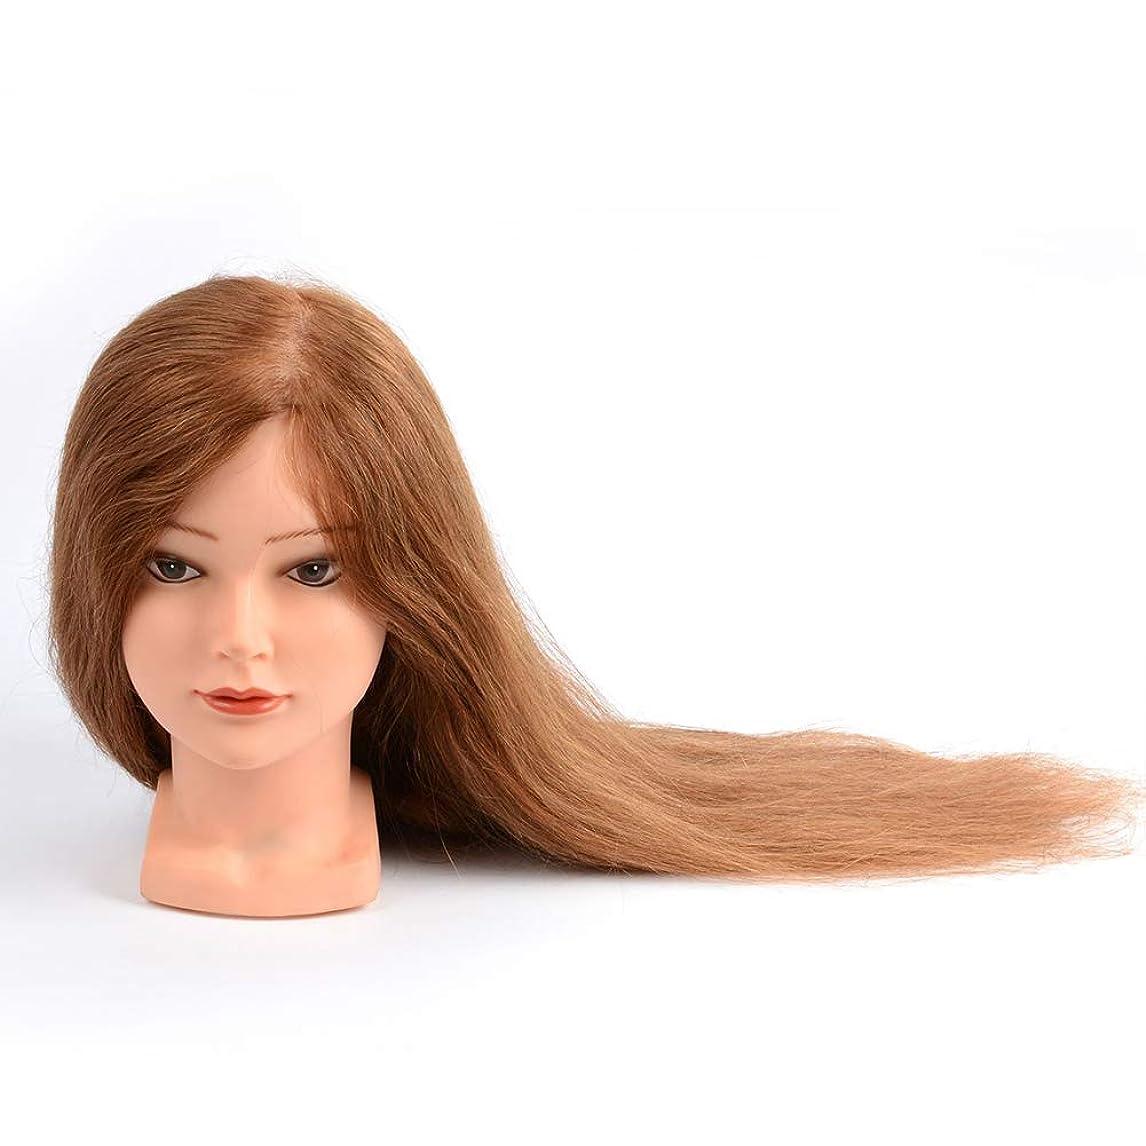 器具ピットピービッシュゴールデンプラクティスマネキンヘッドブライダルメイクスタイリングプラクティスダミーヘッドヘアサロン散髪指導ヘッドは染めることができます漂白